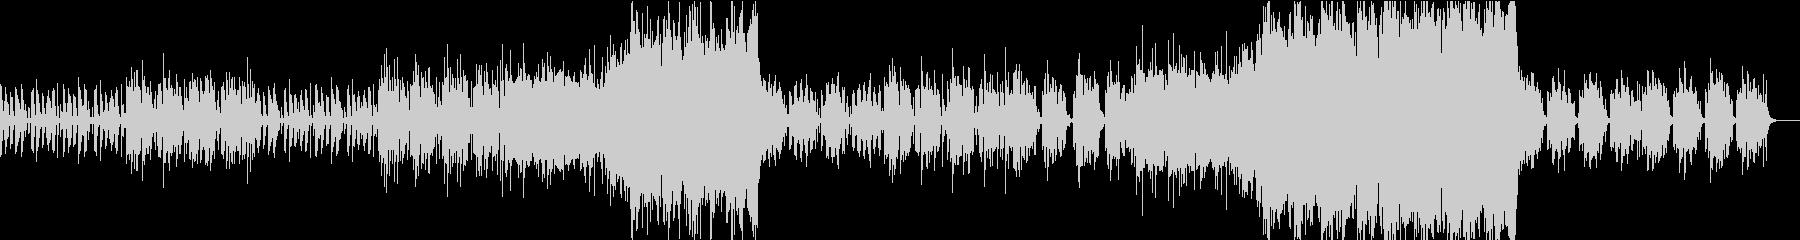 3拍子 DigitalEthnoの未再生の波形